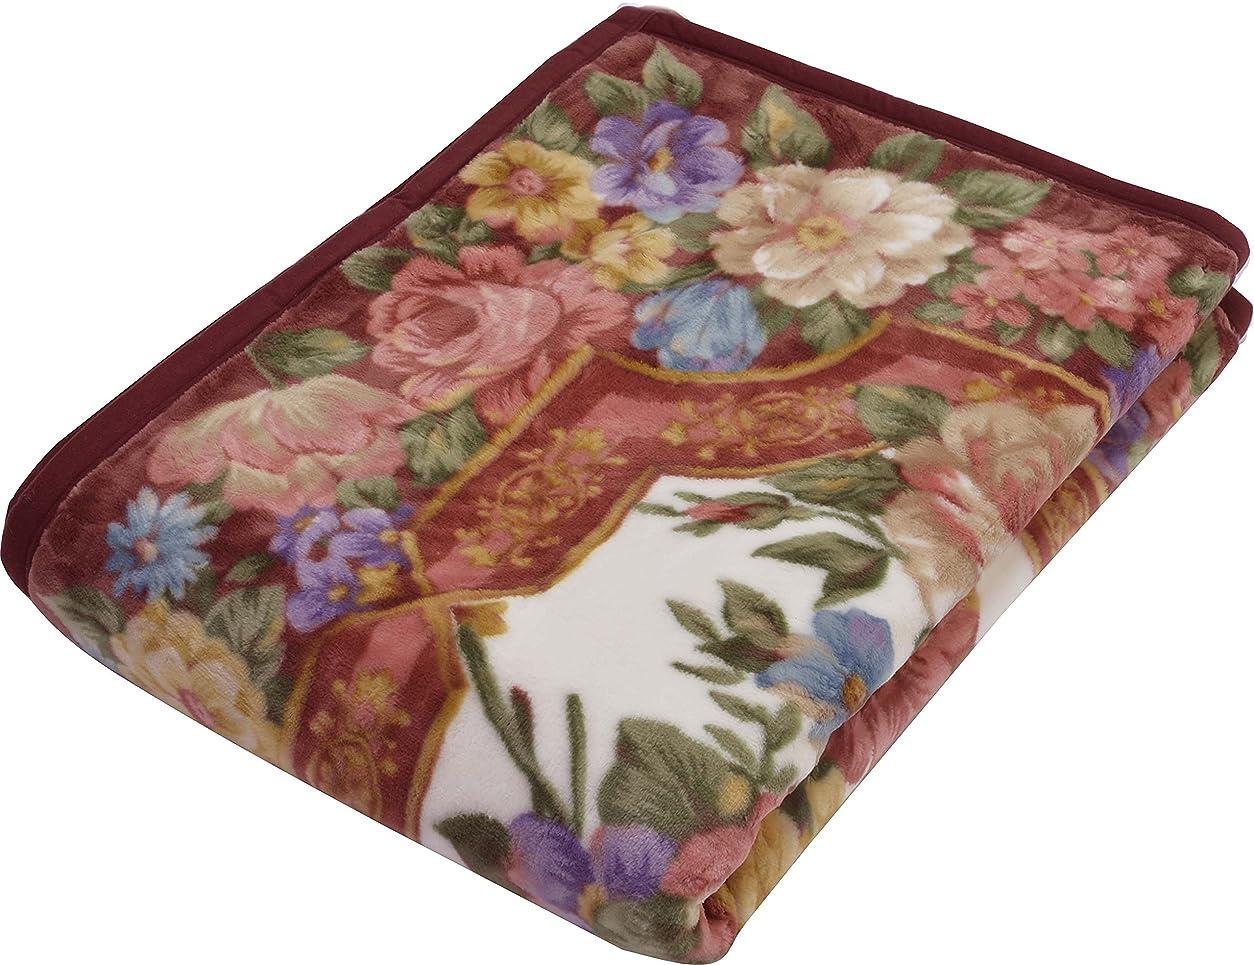 トランペット達成する固有の西川(Nishikawa) 毛布 ピンク シングル 140×200㎝ 日本製 二枚合わせ 2K2368